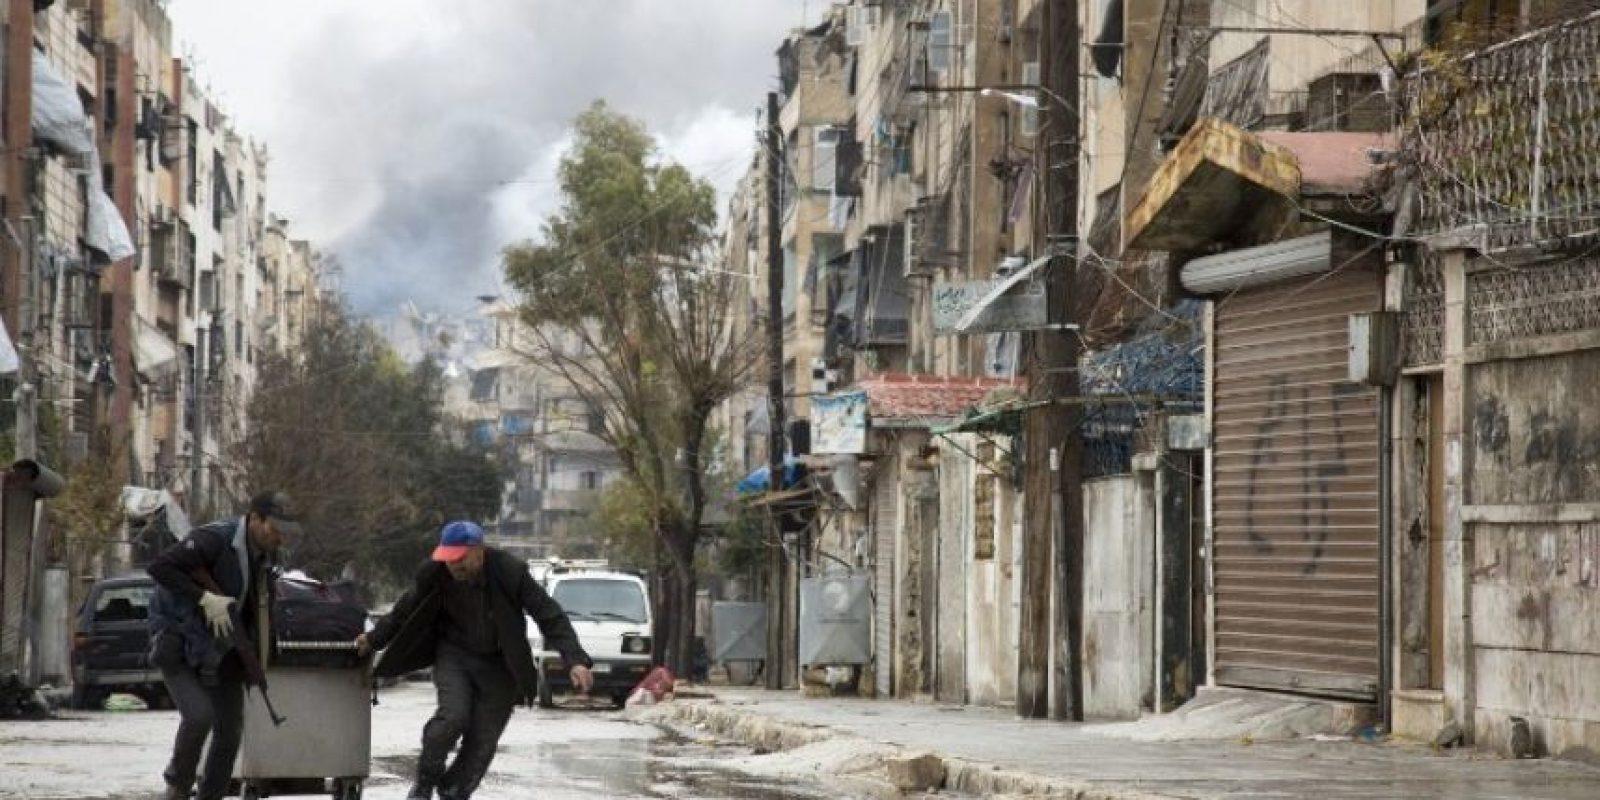 Image CaptionTras varias horas de negociaciones, que culminaron a las 01H00 GMT, un alto responsable militar sirio anunció la firma de un nuevo acuerdo de evacuación. Foto:Afp. Imagen Por: